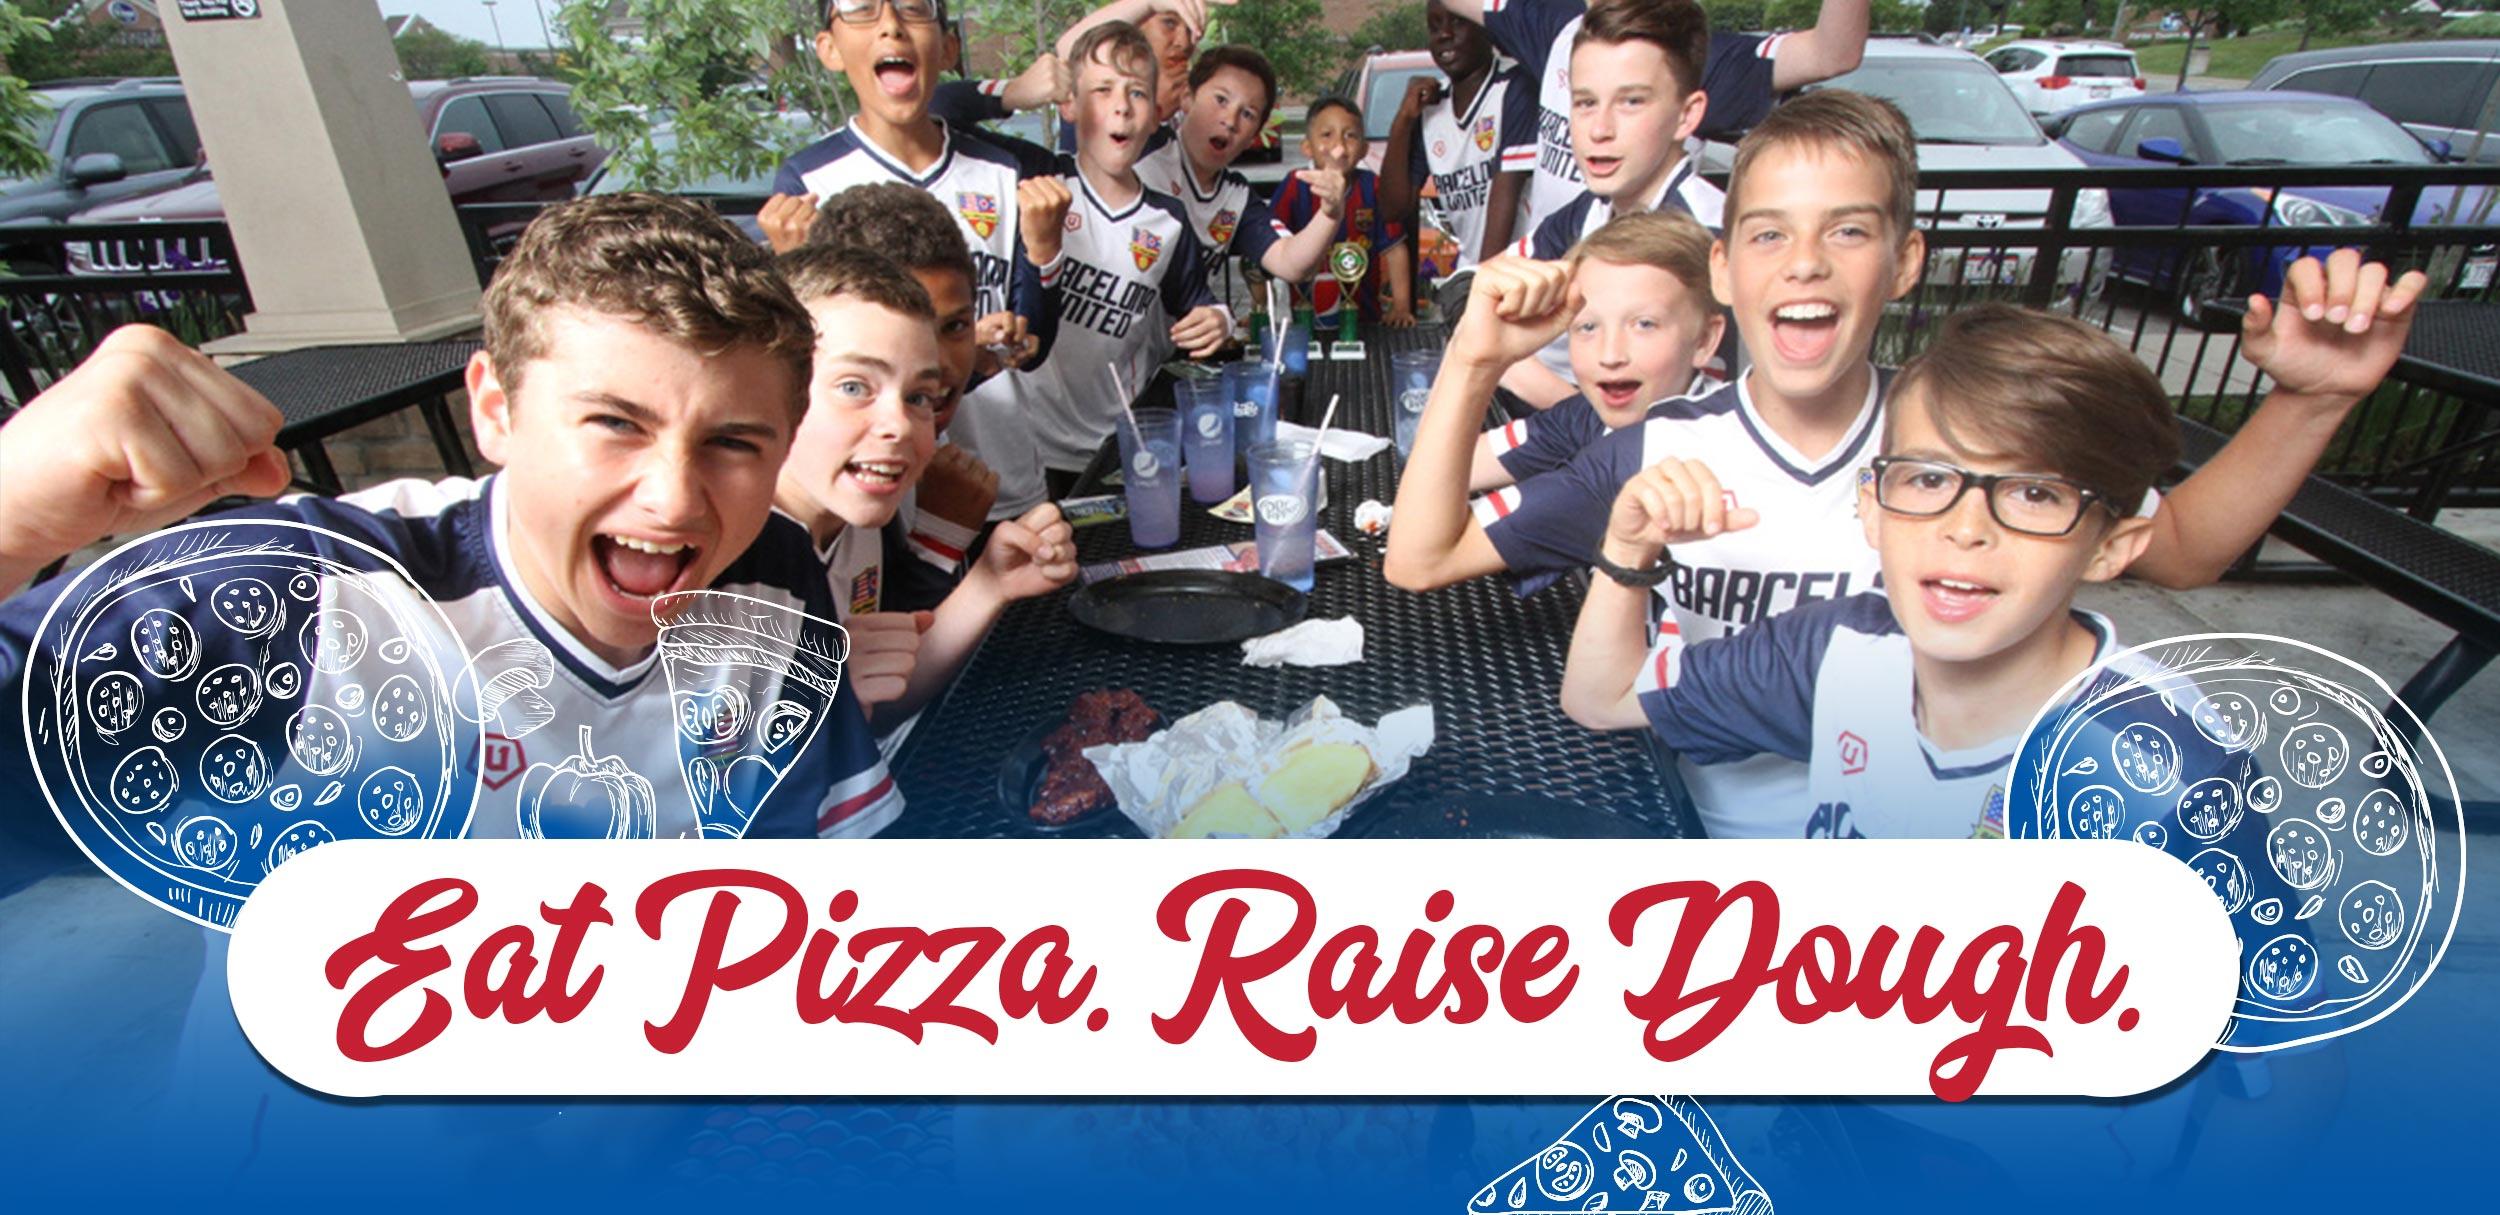 PizzaCottage_WebHeader5.jpg